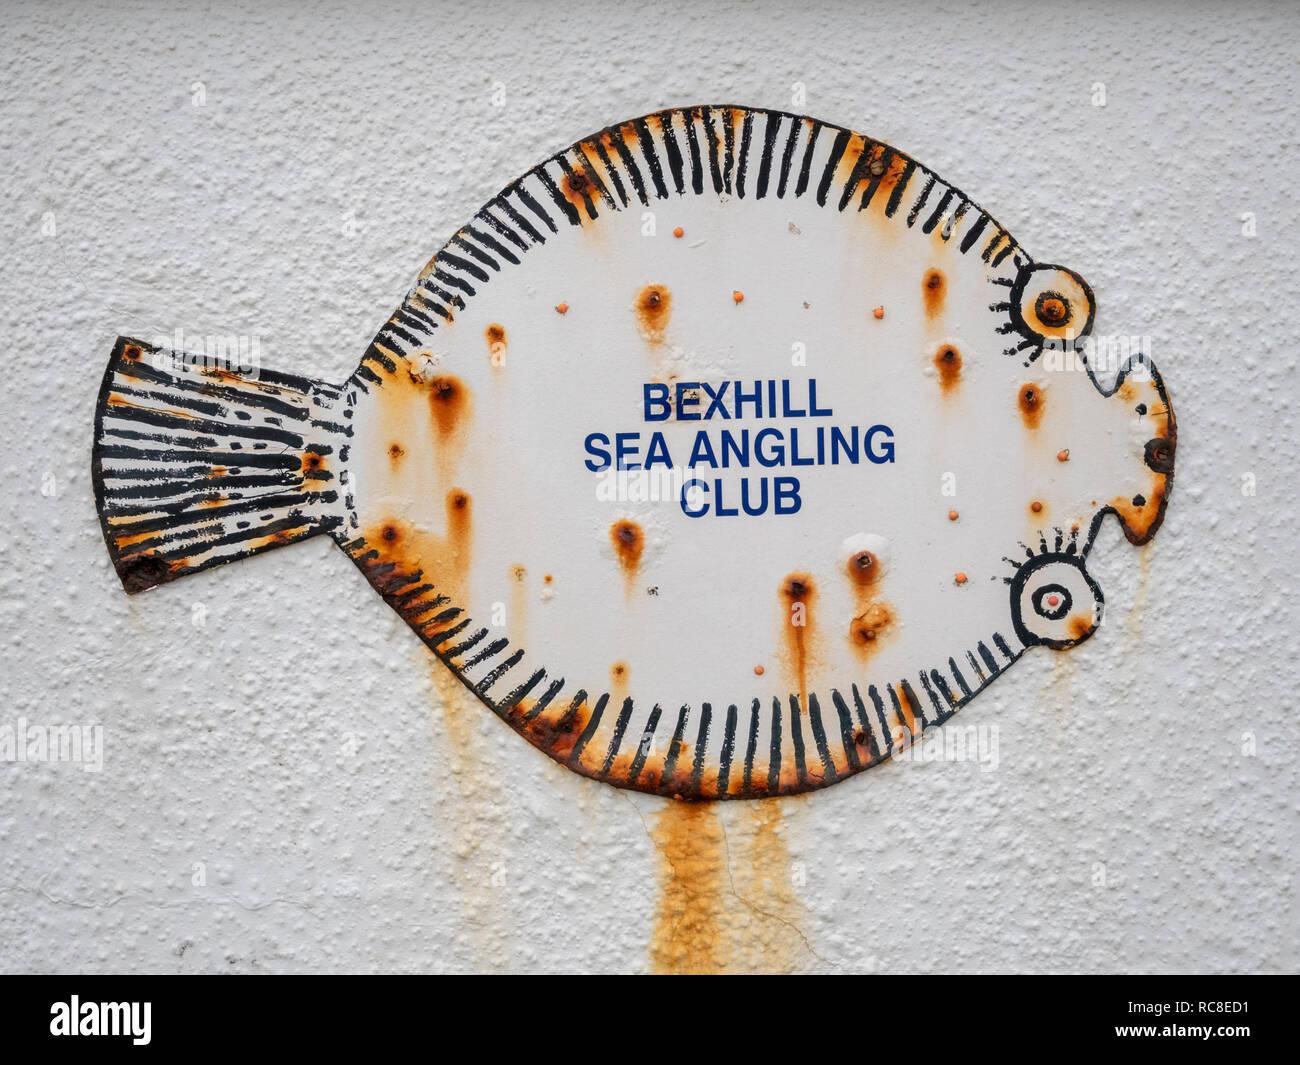 Un segno a forma di pesce su un muro a Bexhill Sea Angling Club Bexhill East Sussex Regno Unito Immagini Stock